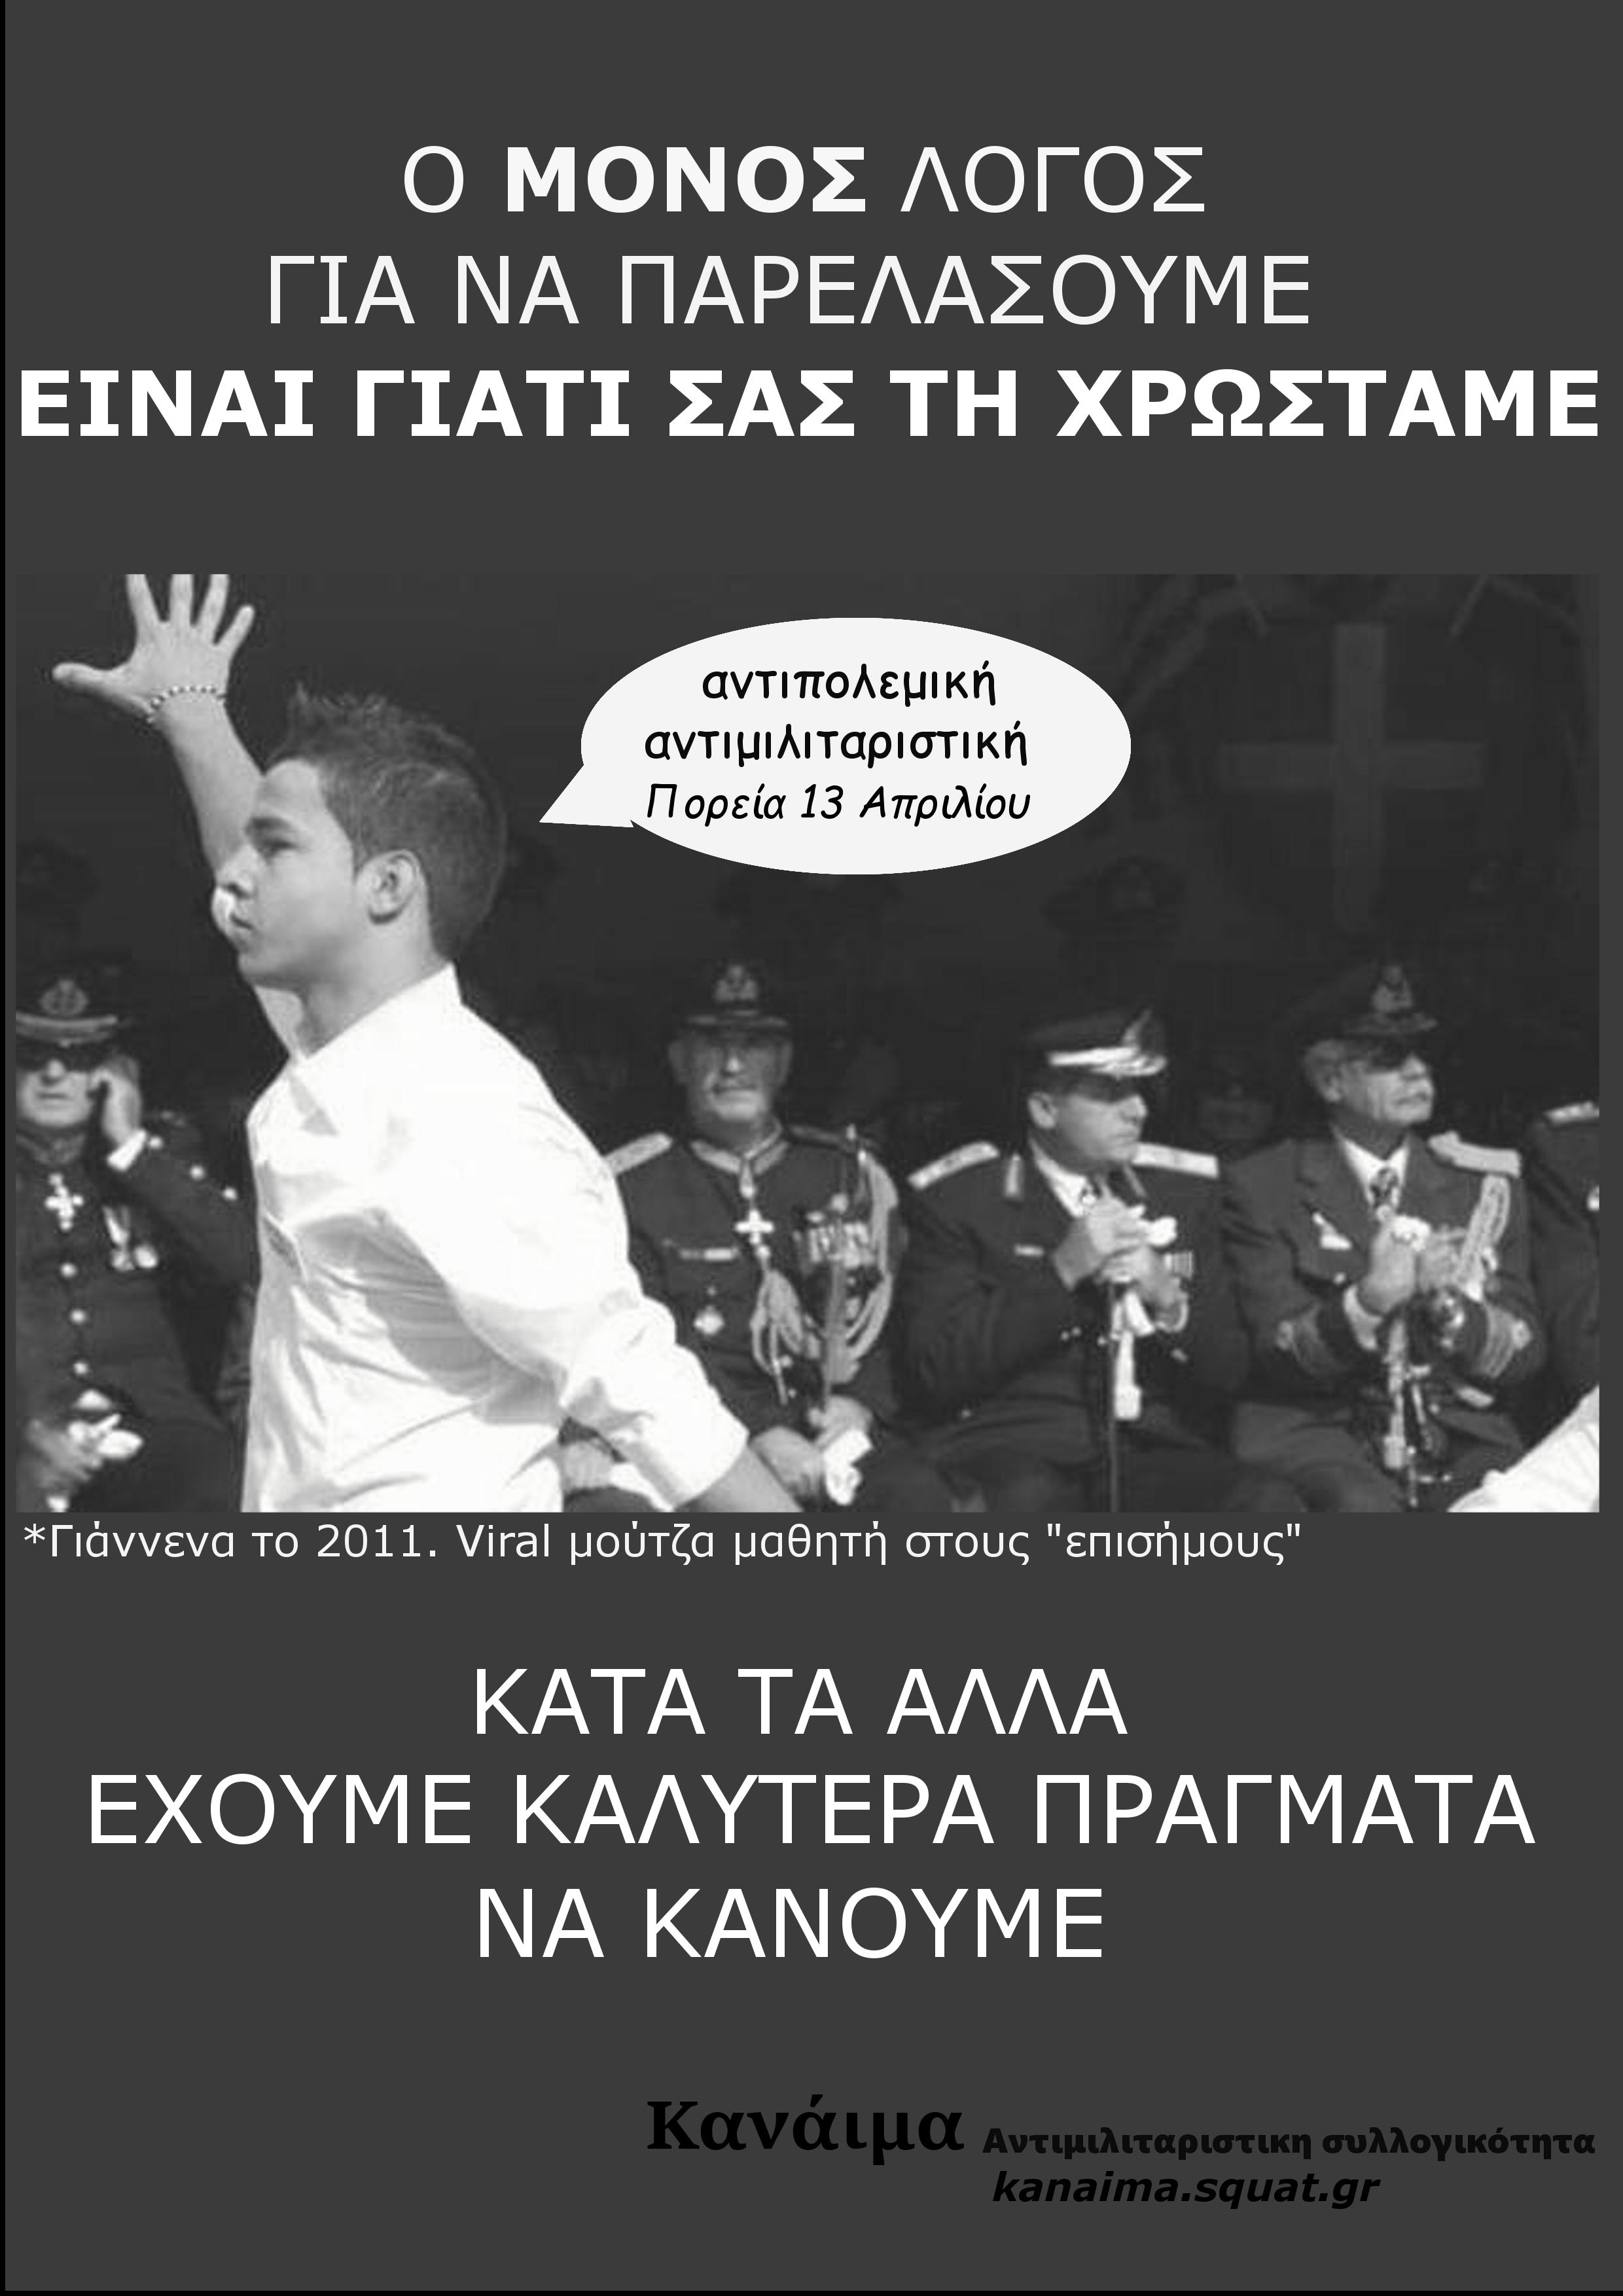 αφίσα ενάντια στις παρελάσεις